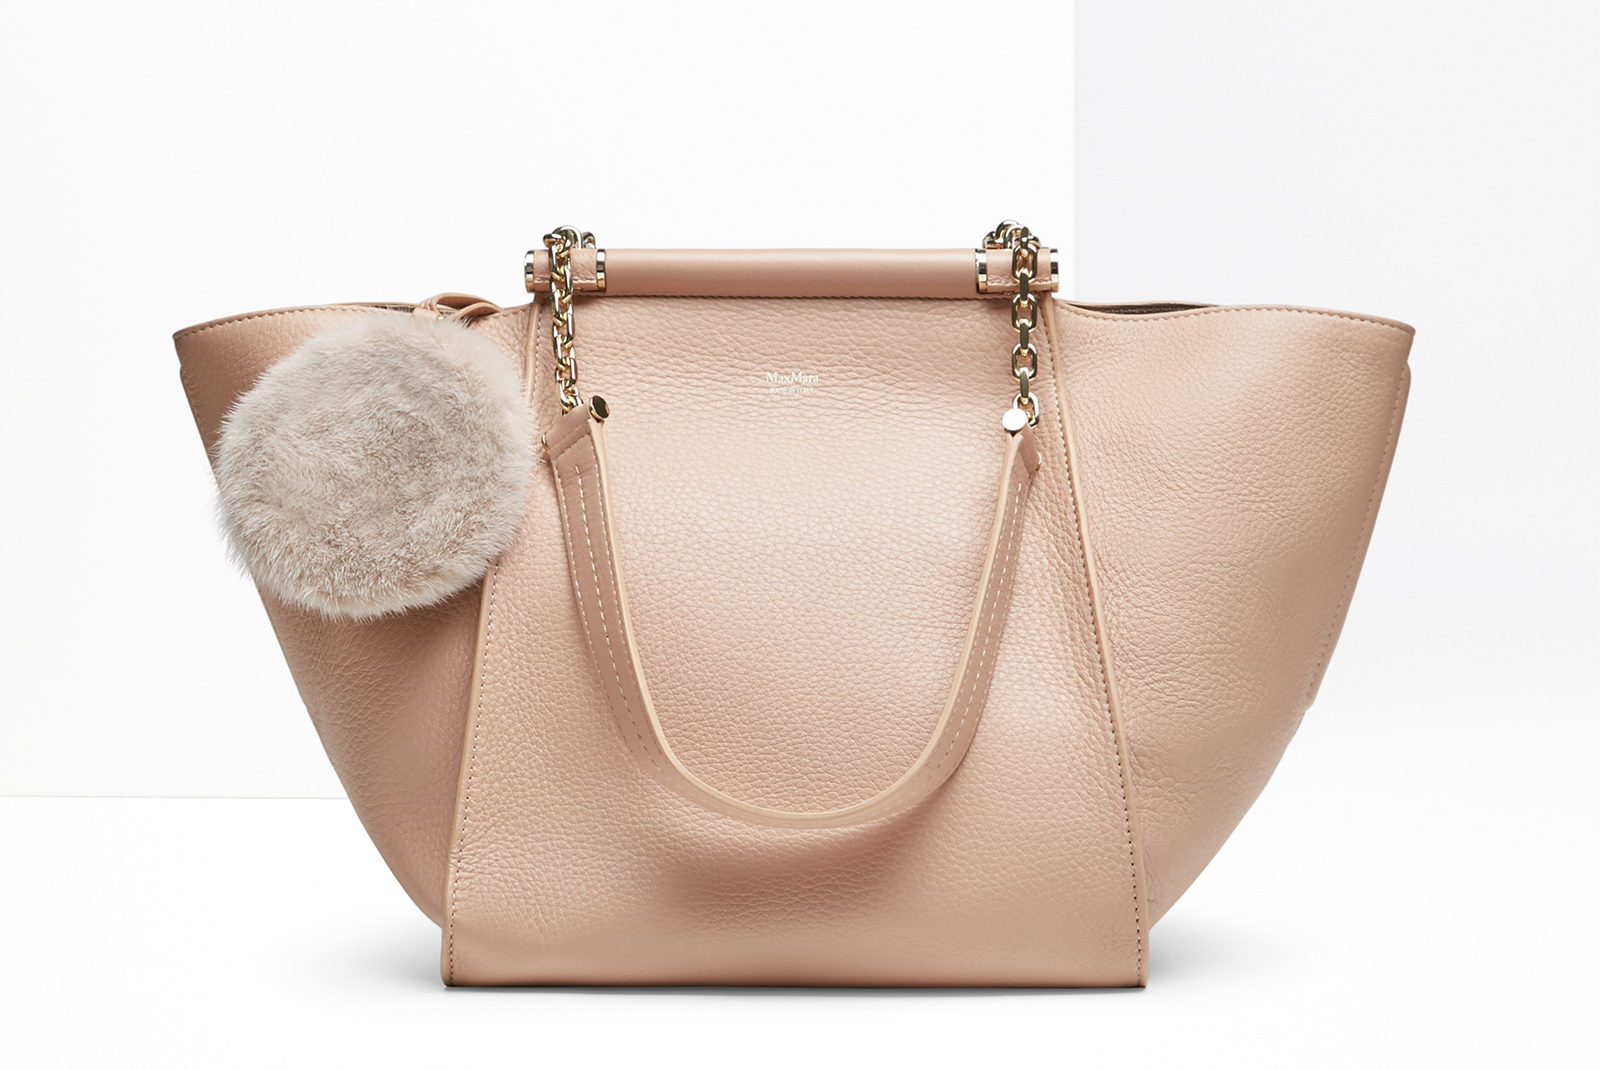 7c8a1424f316 Эксклюзивно для Bosco di Ciliegi: новая сумка Max Mara